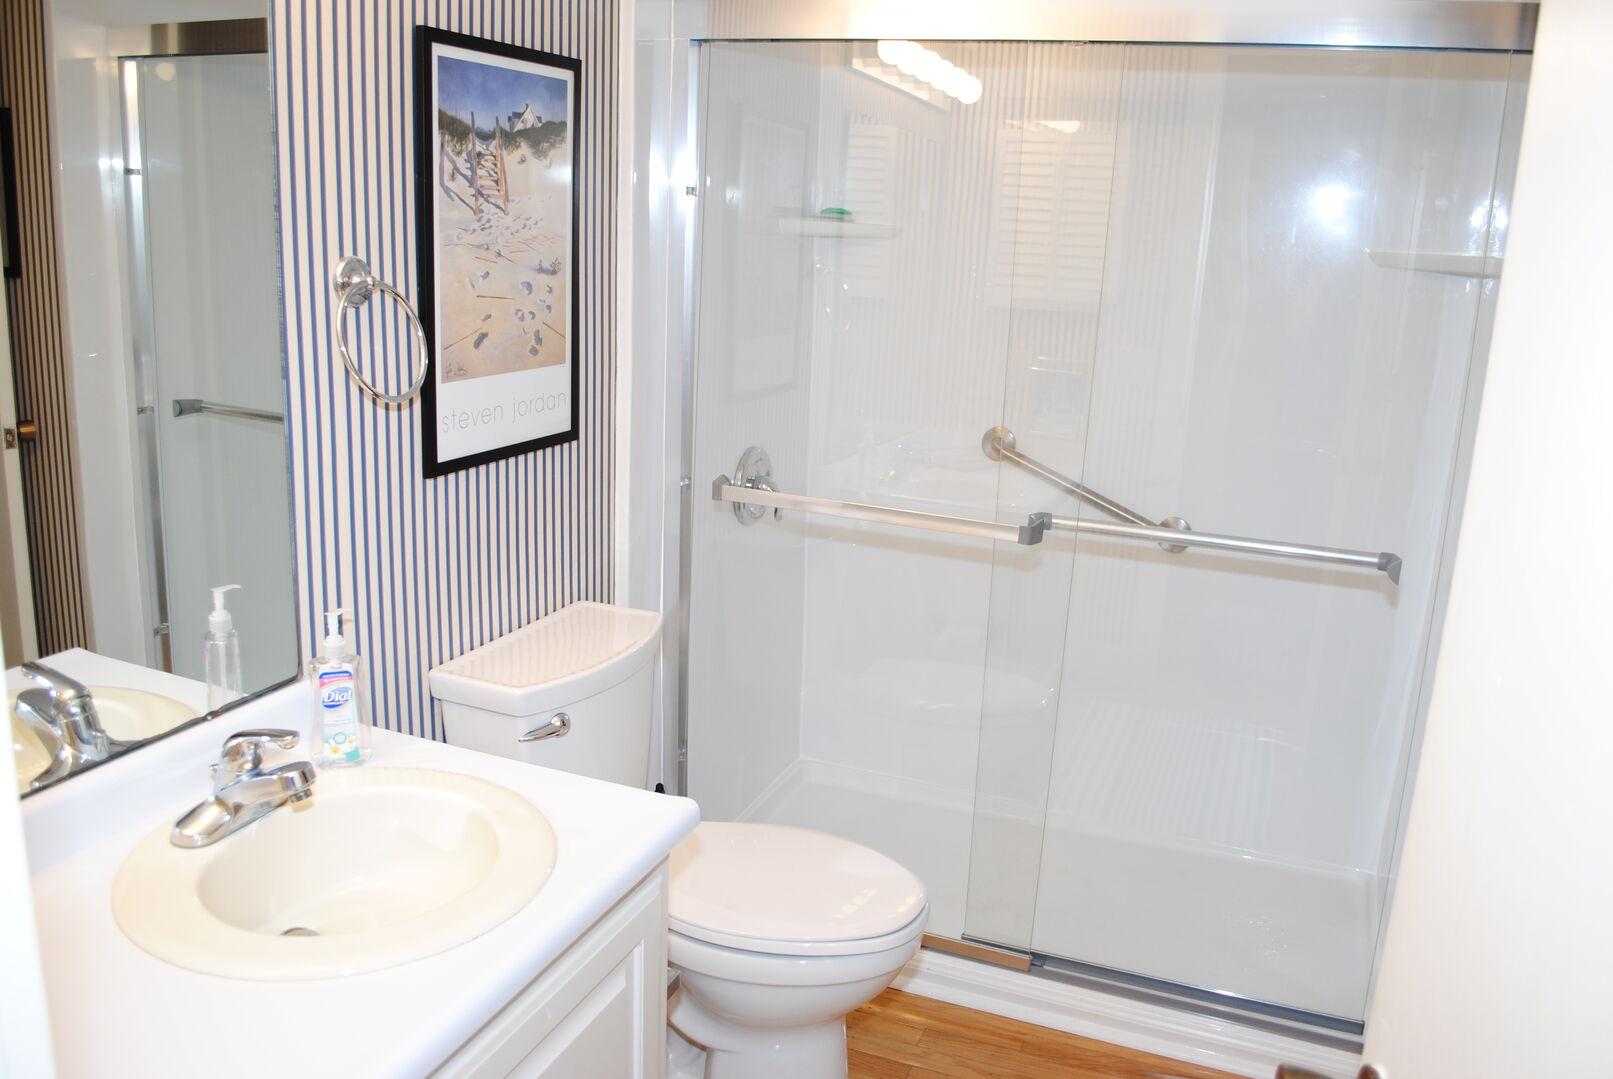 Shared Bathroom (Hallway and Queen Bedroom) - First Floor